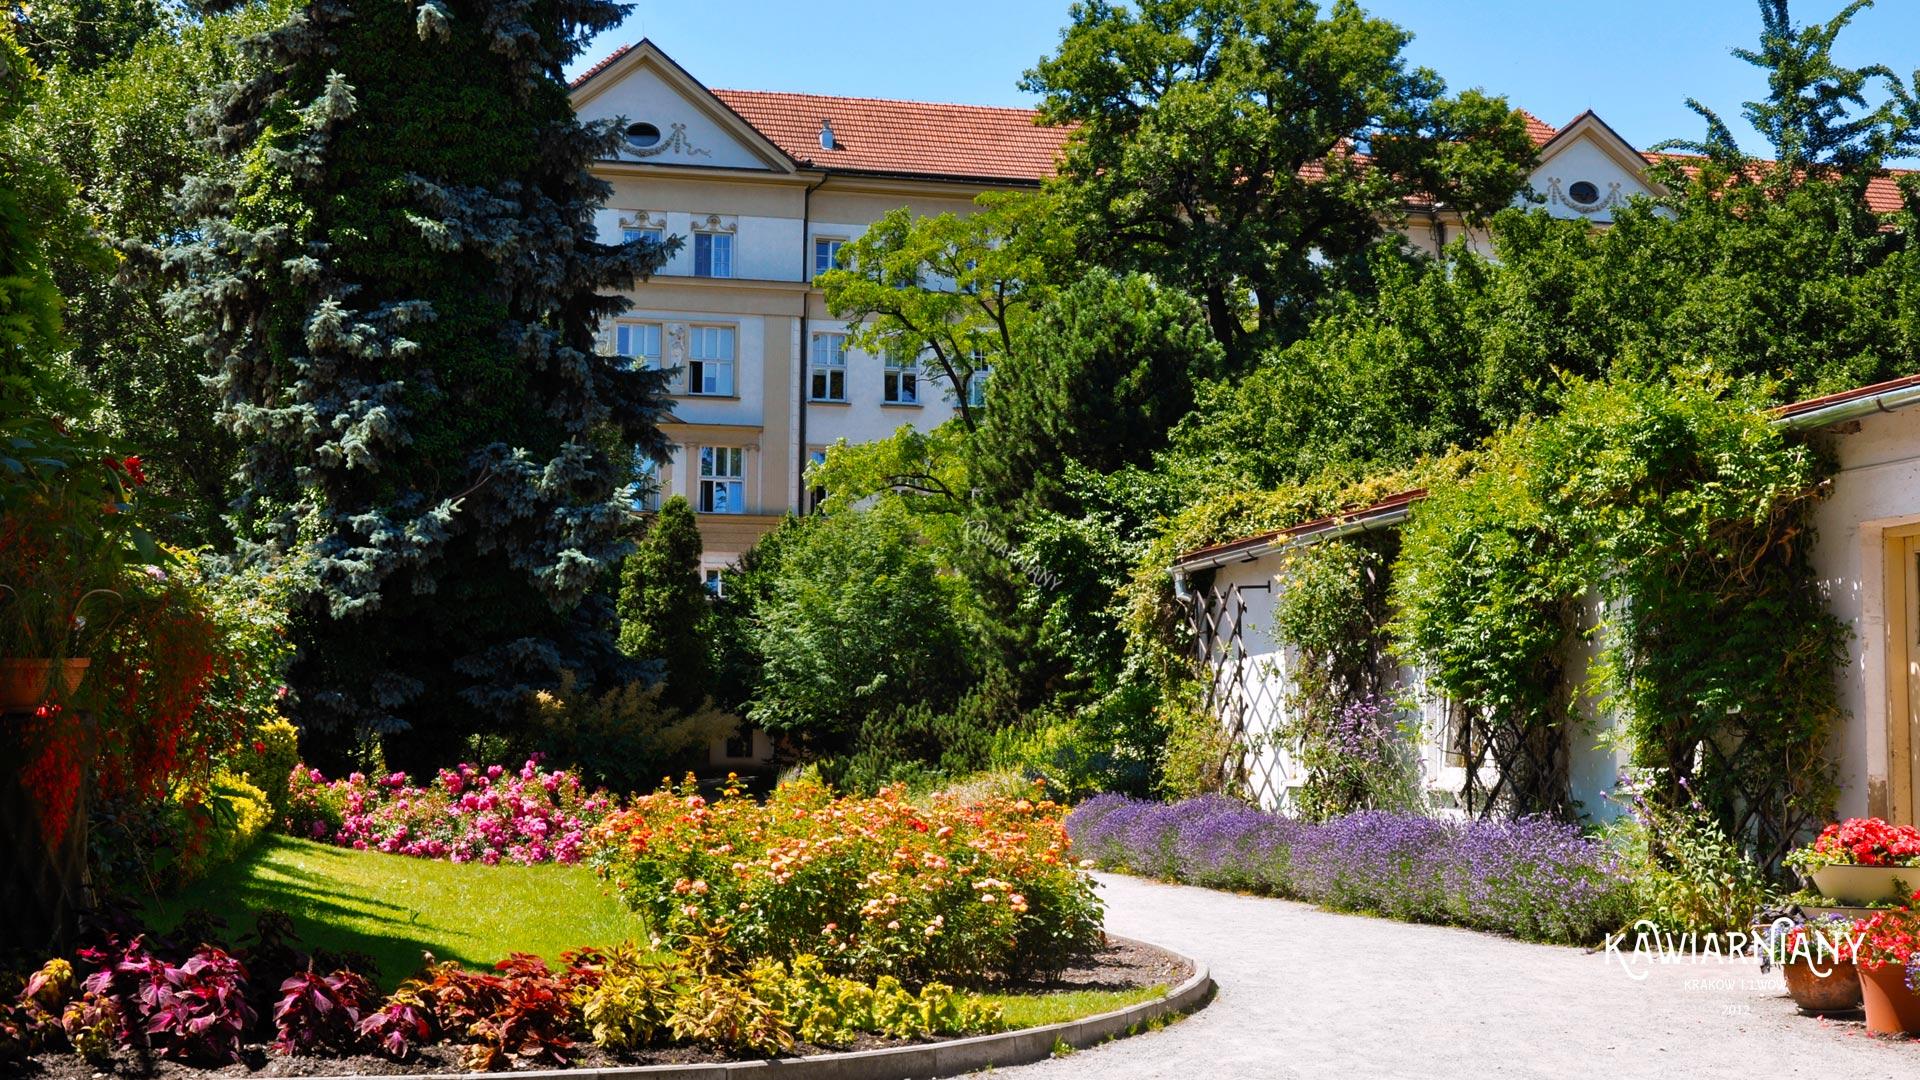 Ogród Botaniczny w Krakowie – cennik, bilety, zwiedzanie, parking